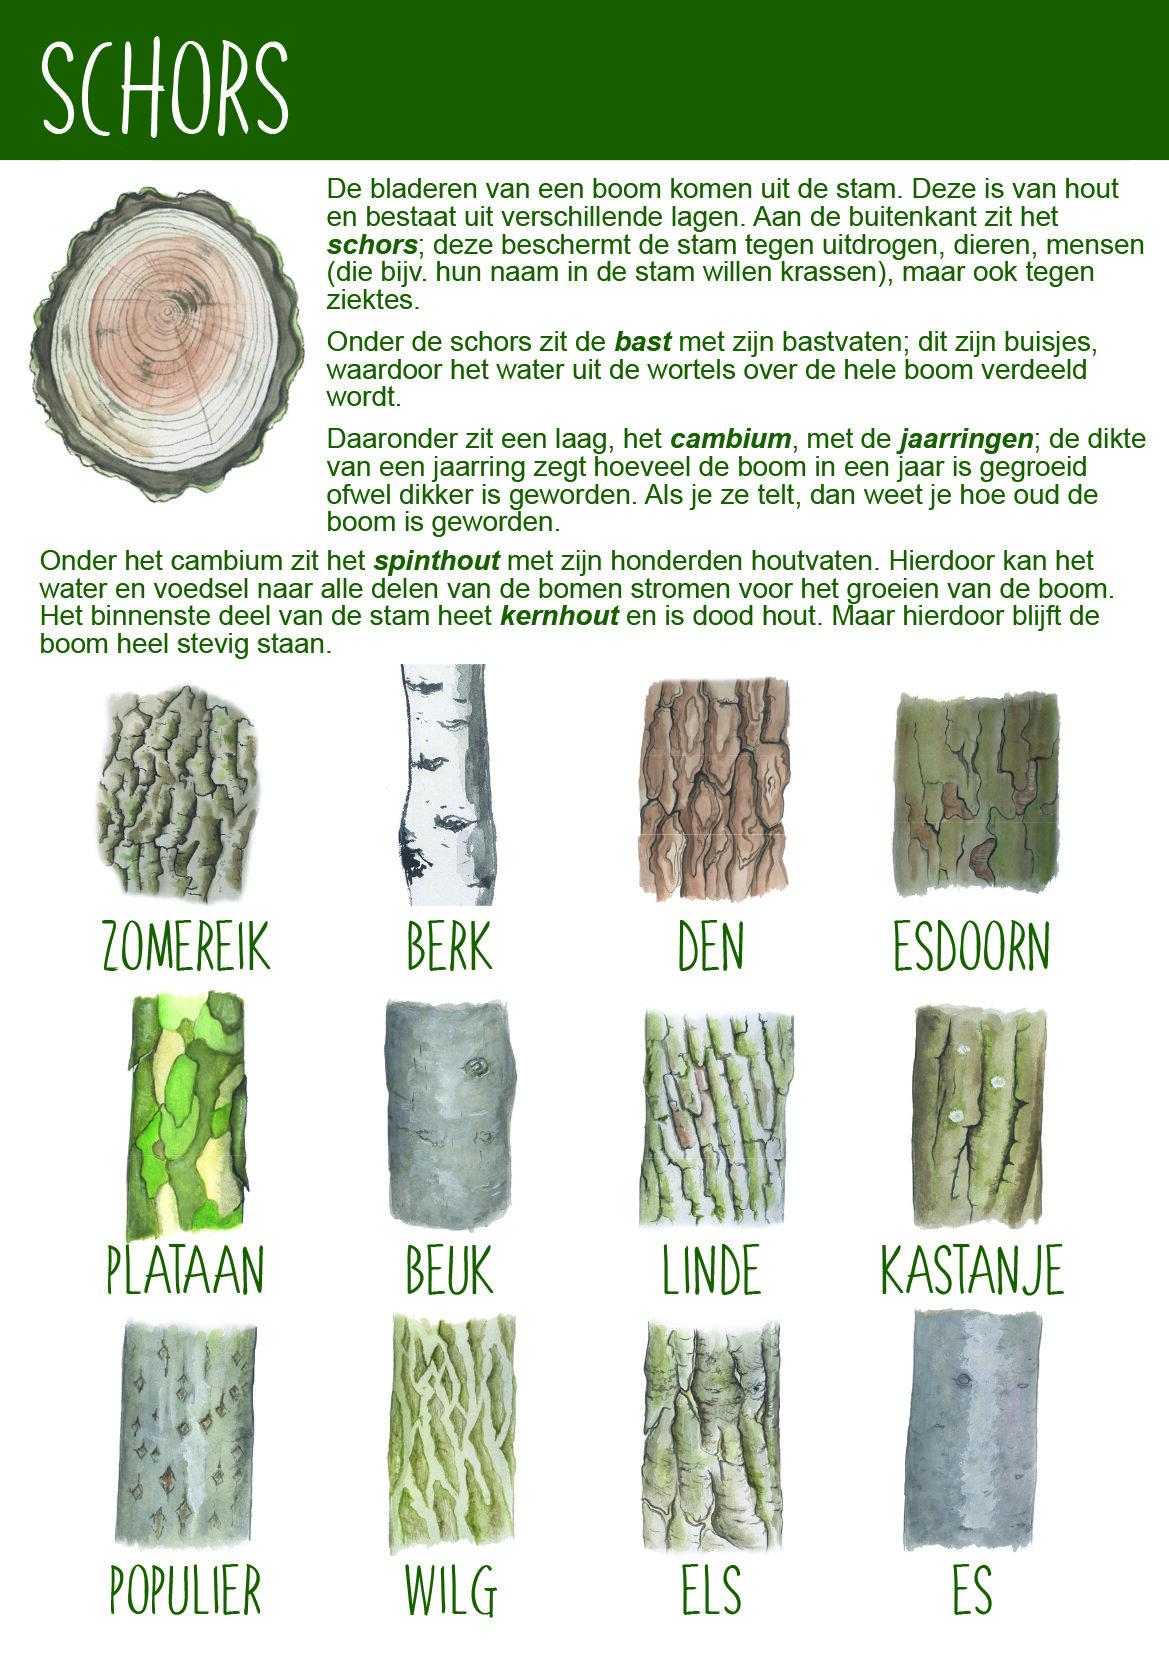 Afbeelding schors BomenPaspoort - Natuureducatie